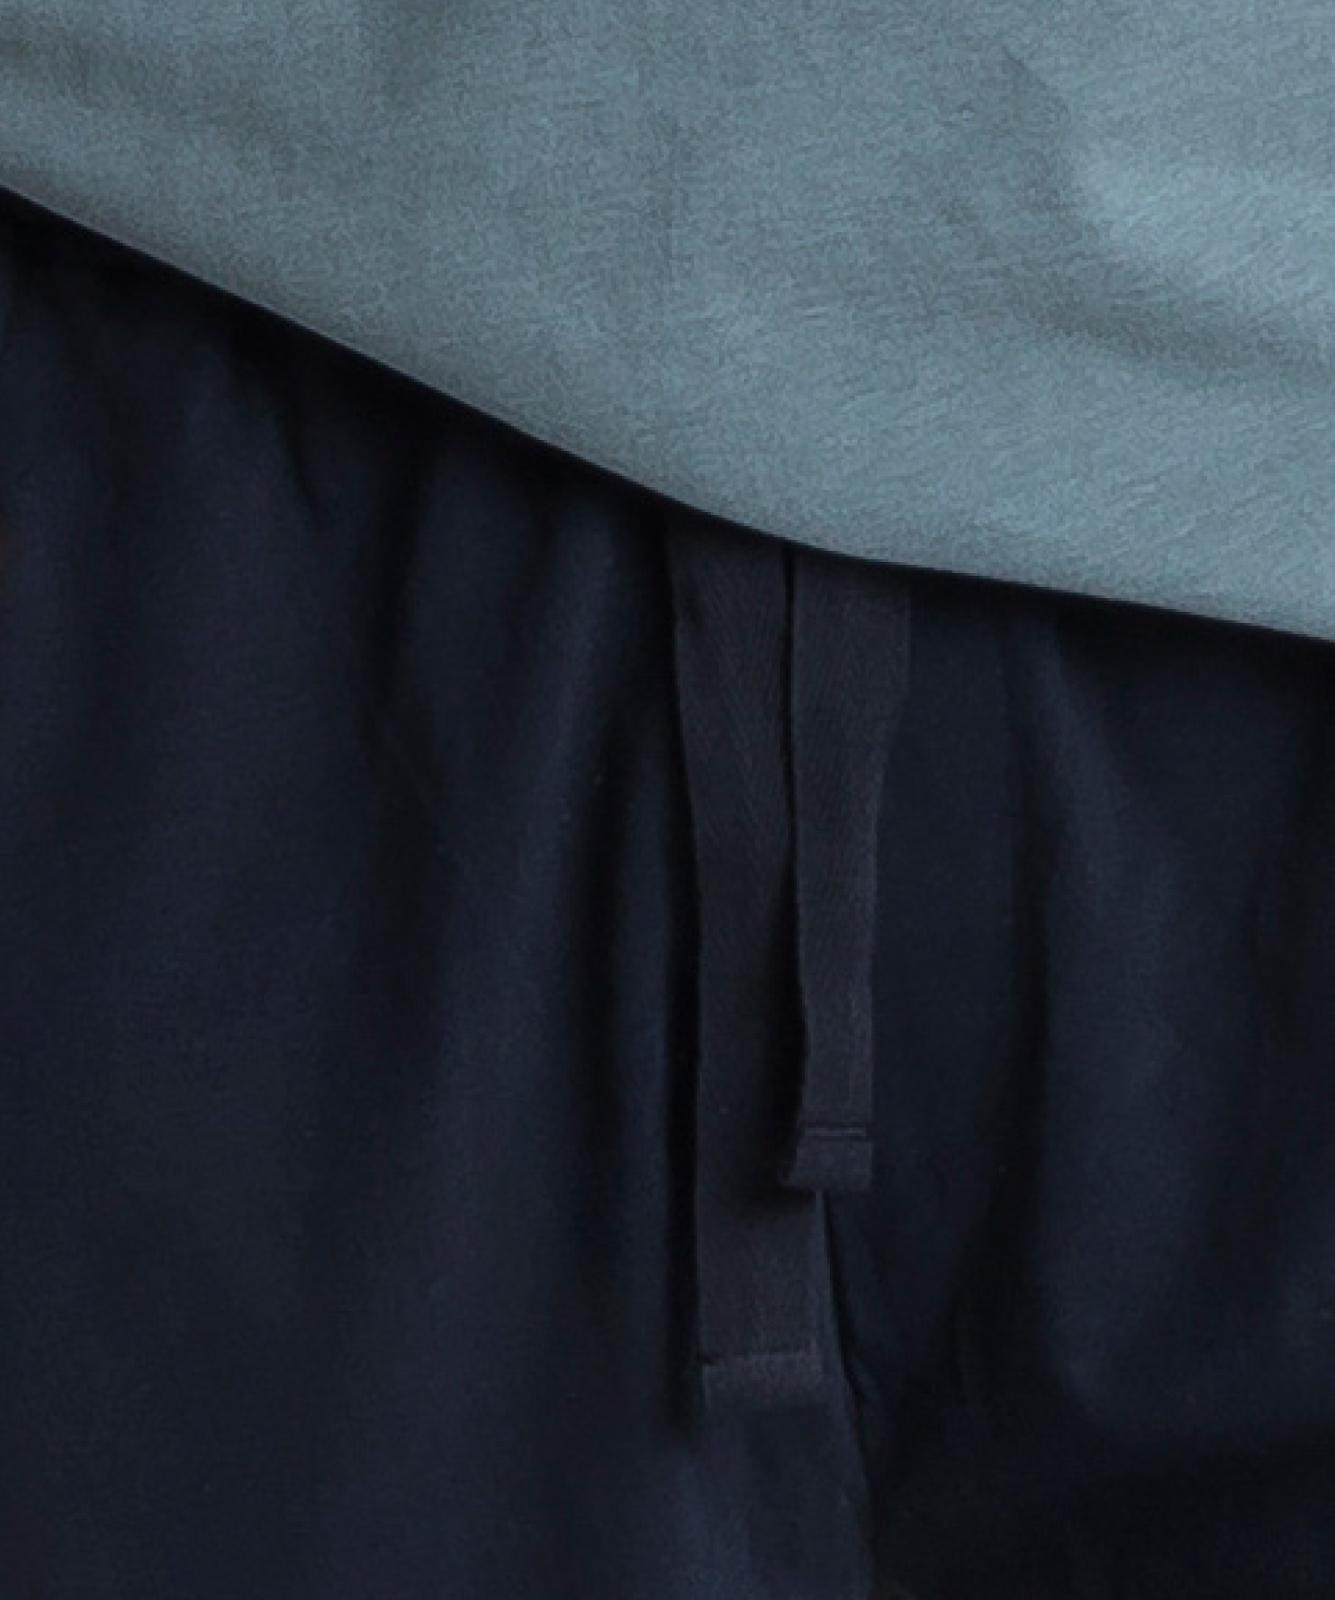 Мужская пижама Atlantic, 1 шт. в уп., хлопок, зеленая, NMP-346